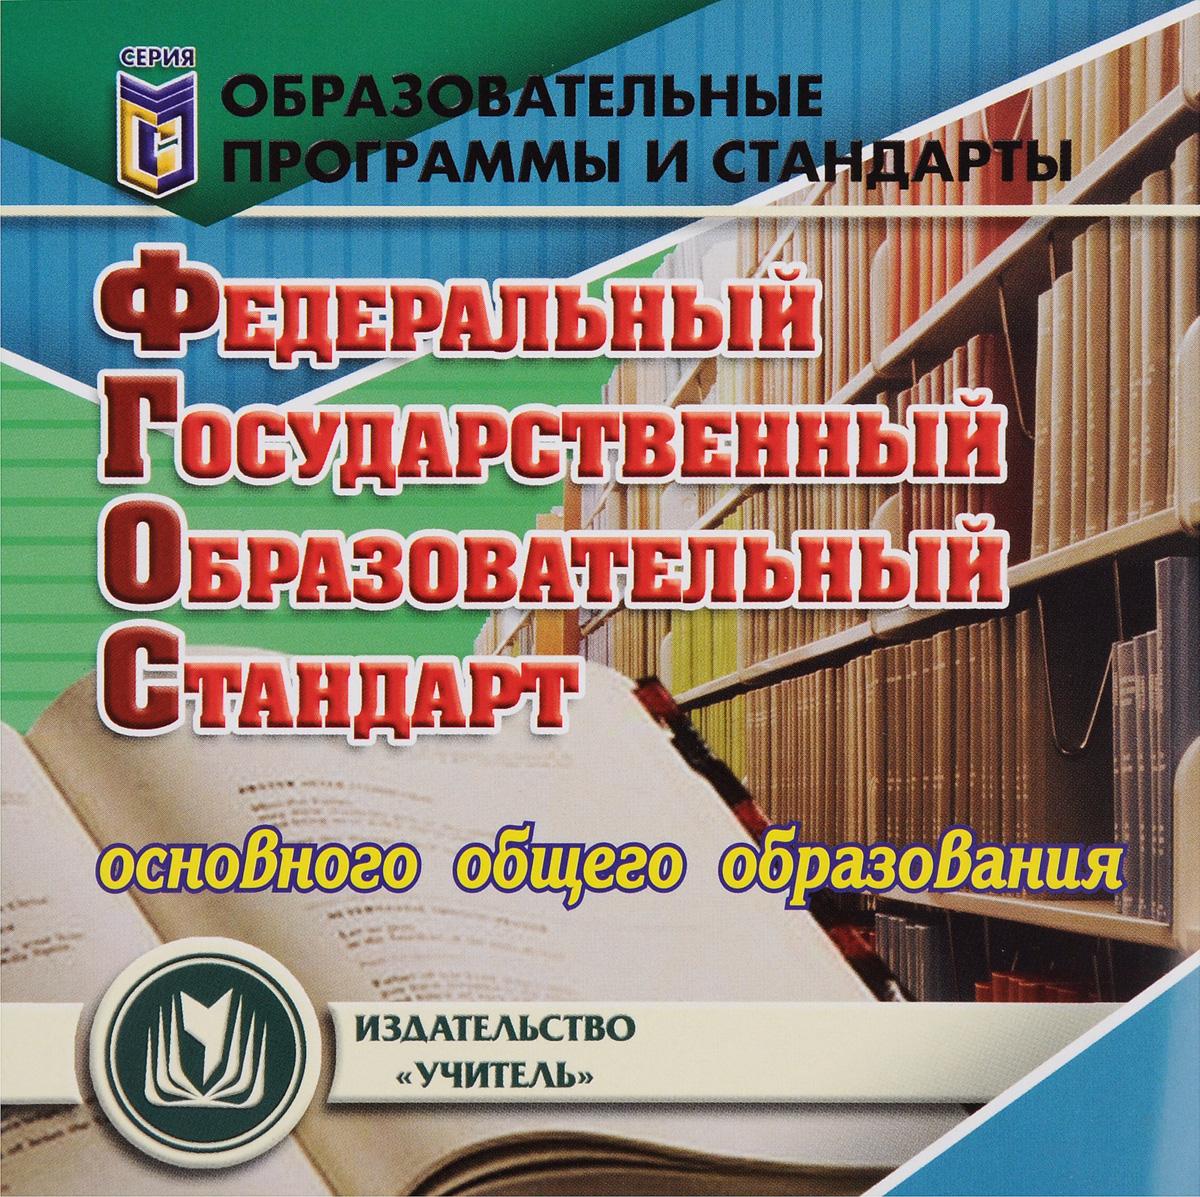 Федеральный государственный образовательный стандарт основного общего образования